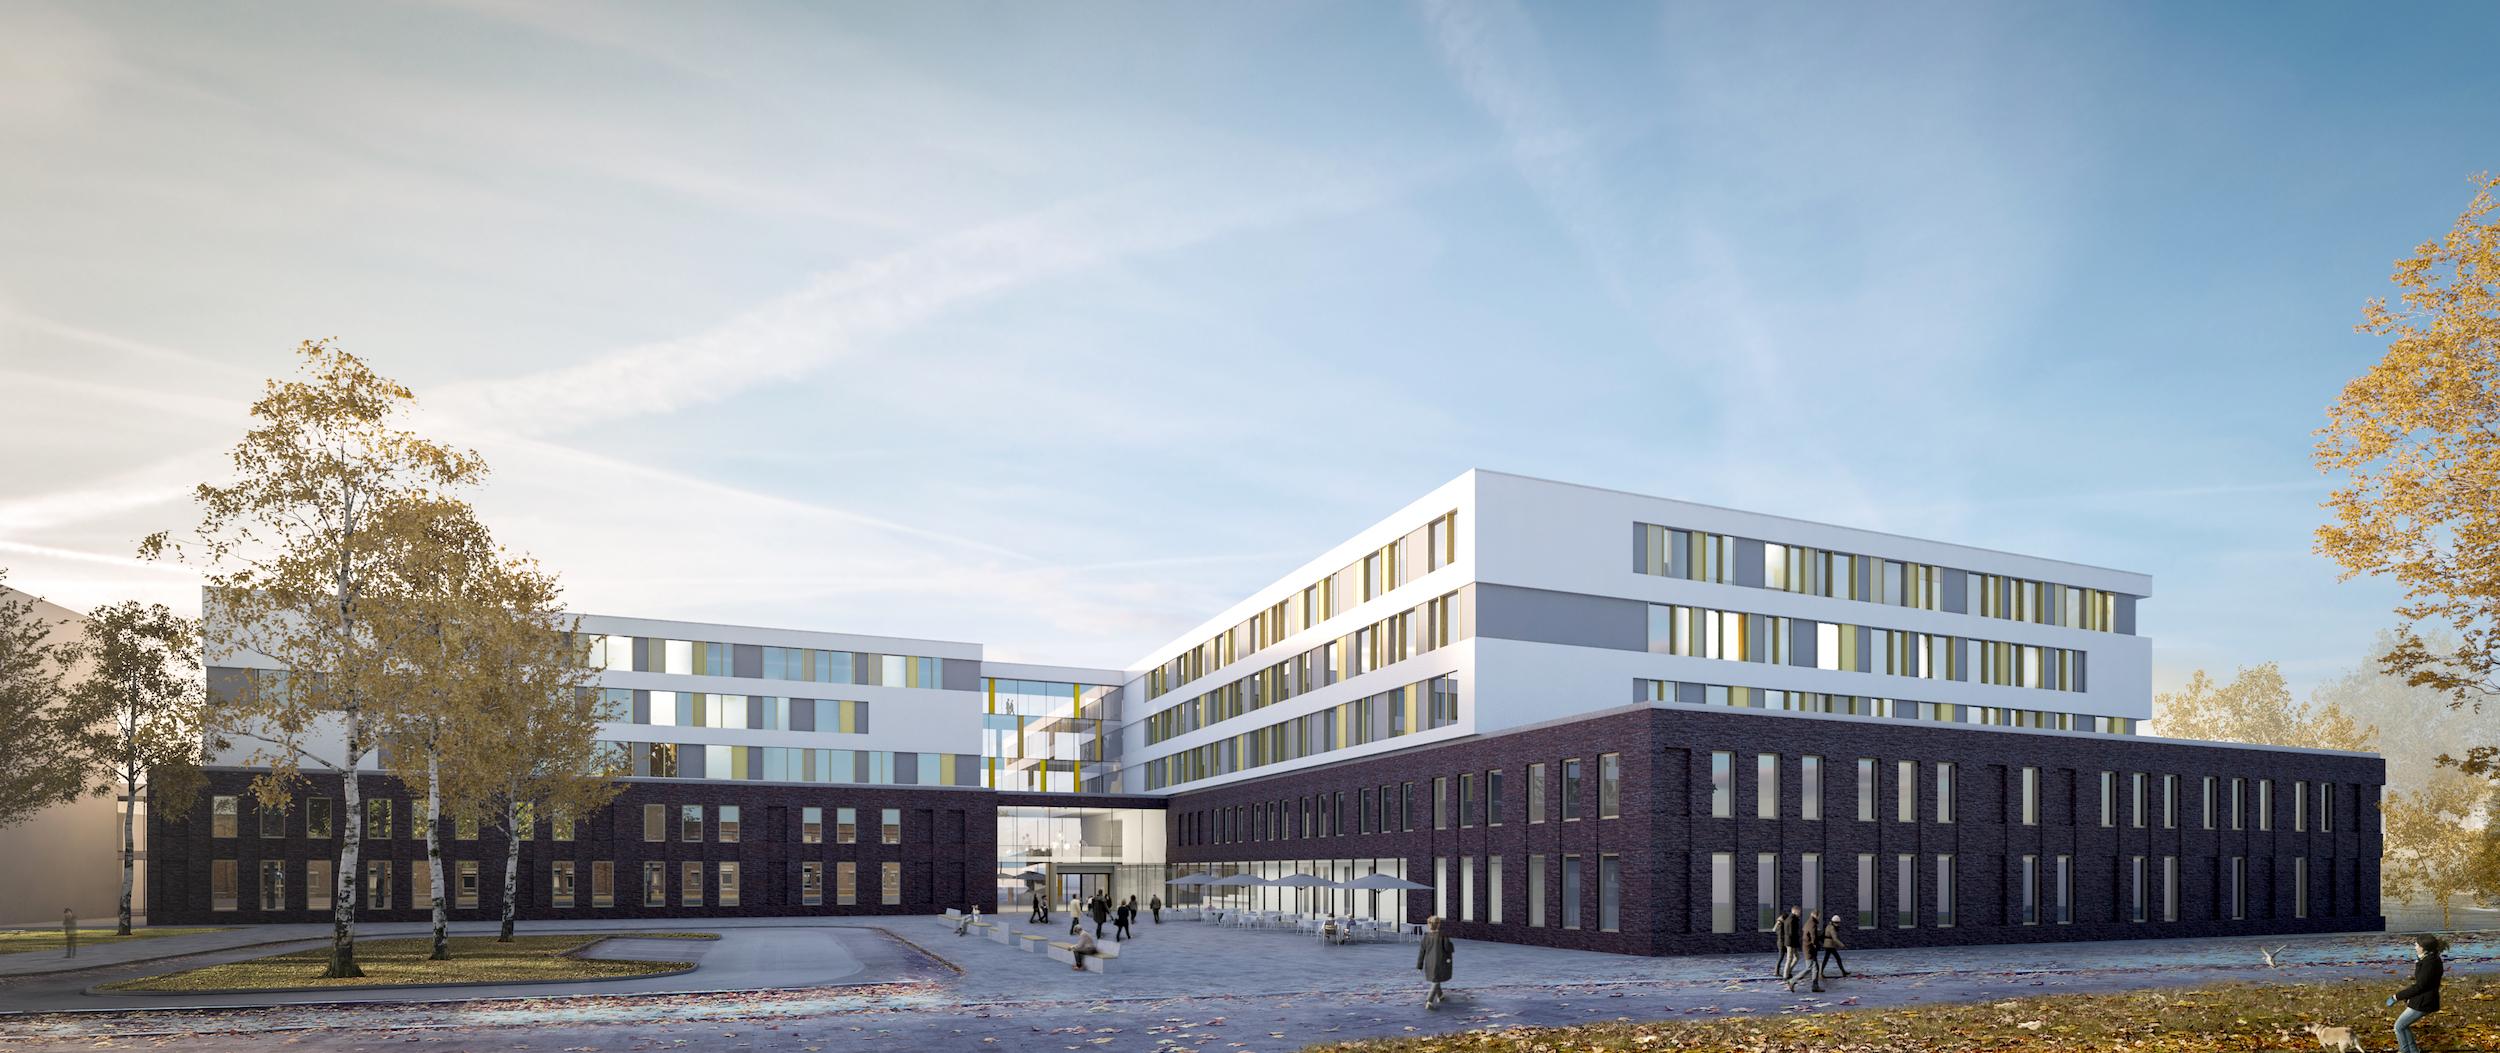 sander.hofrichter architekten I Klinikum Wilhelmshaven